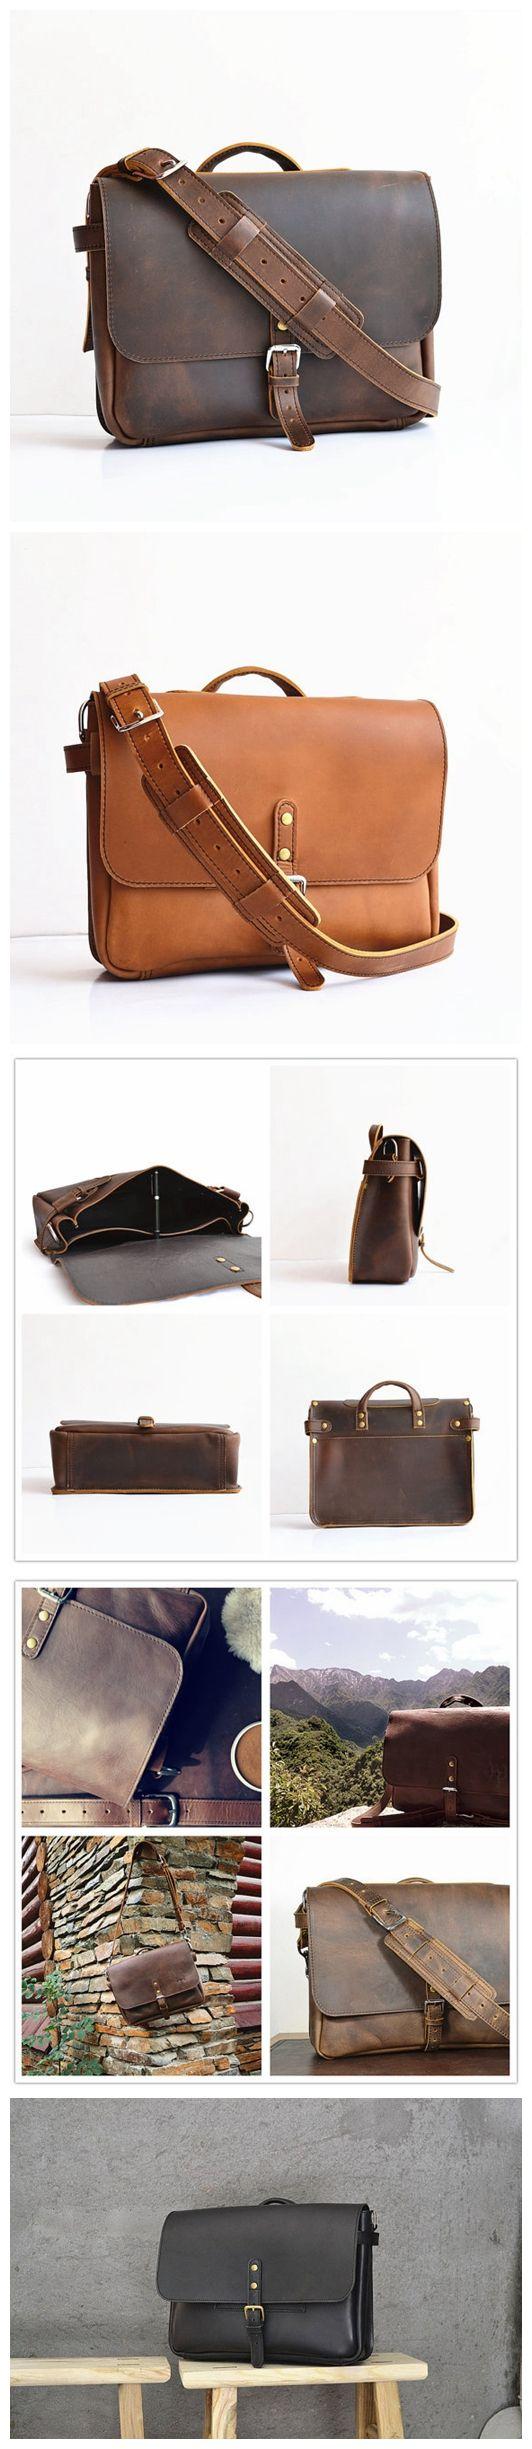 US Postal Bag Mens Leather Messenger Bag Men Leather Messenger Bag For Men Mens Leather Satchel Men Vintage Leather Messenger Bag Laptop